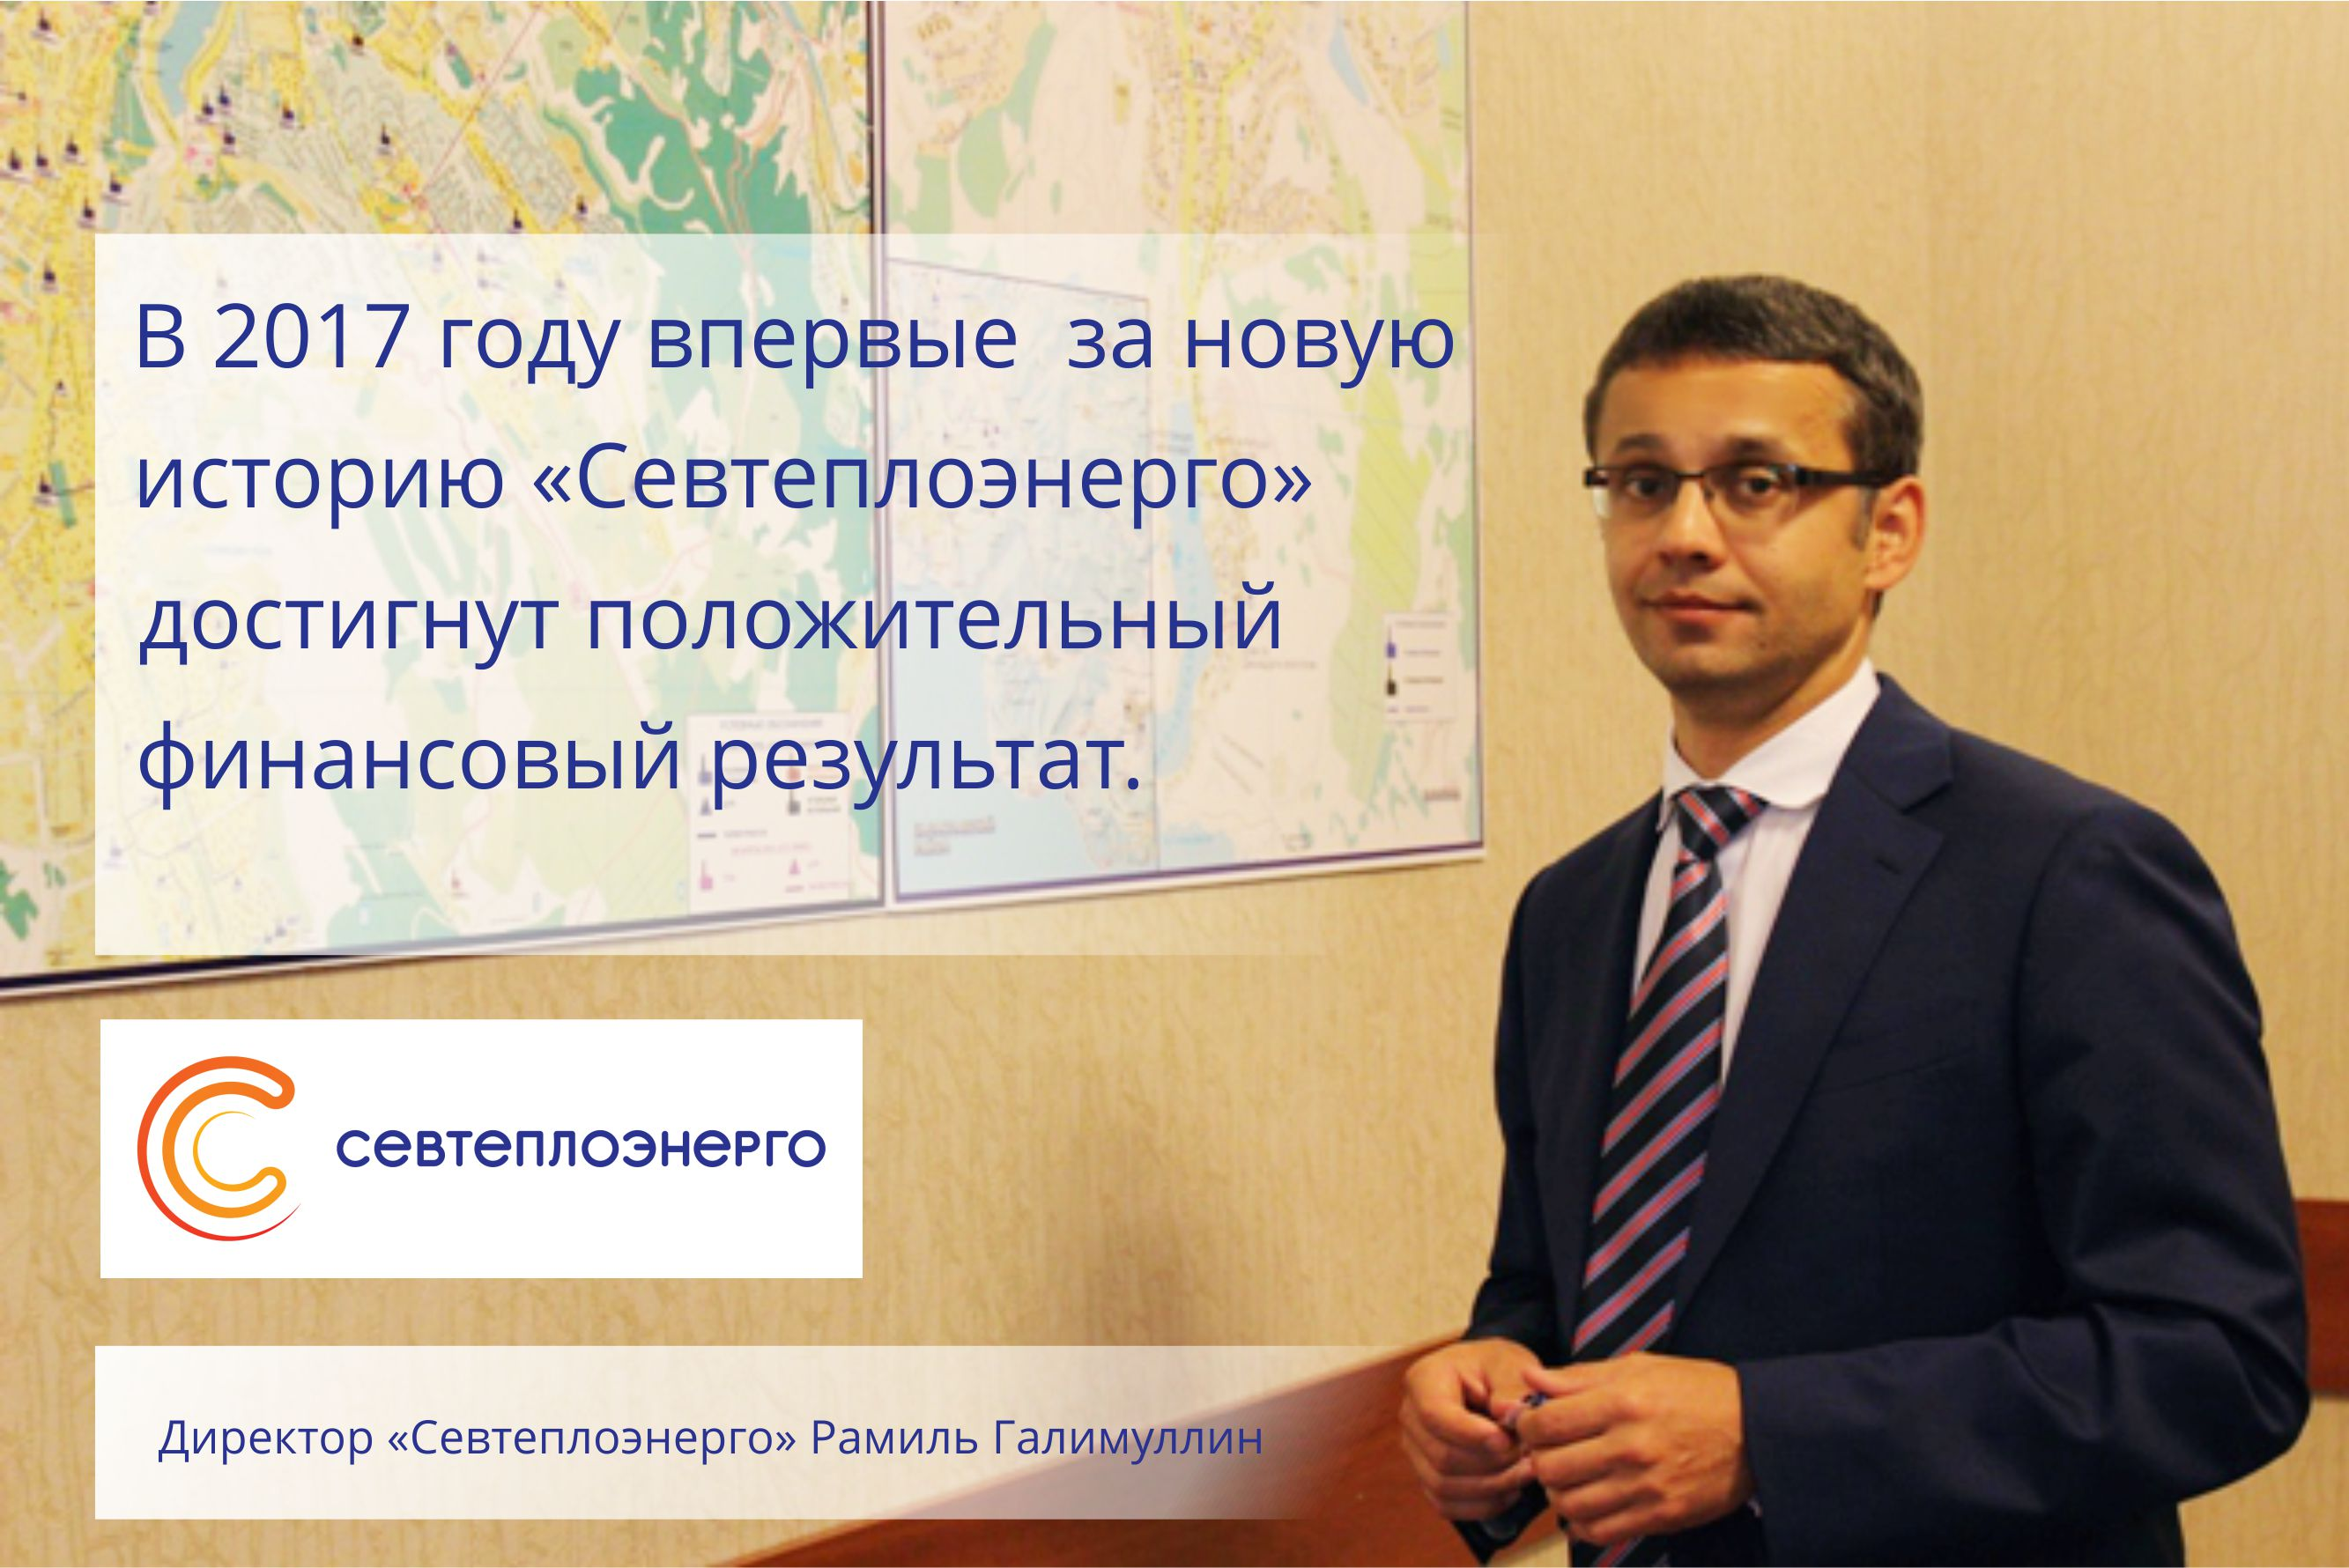 Рамиль Галимуллин директор Севтеплоэнерго